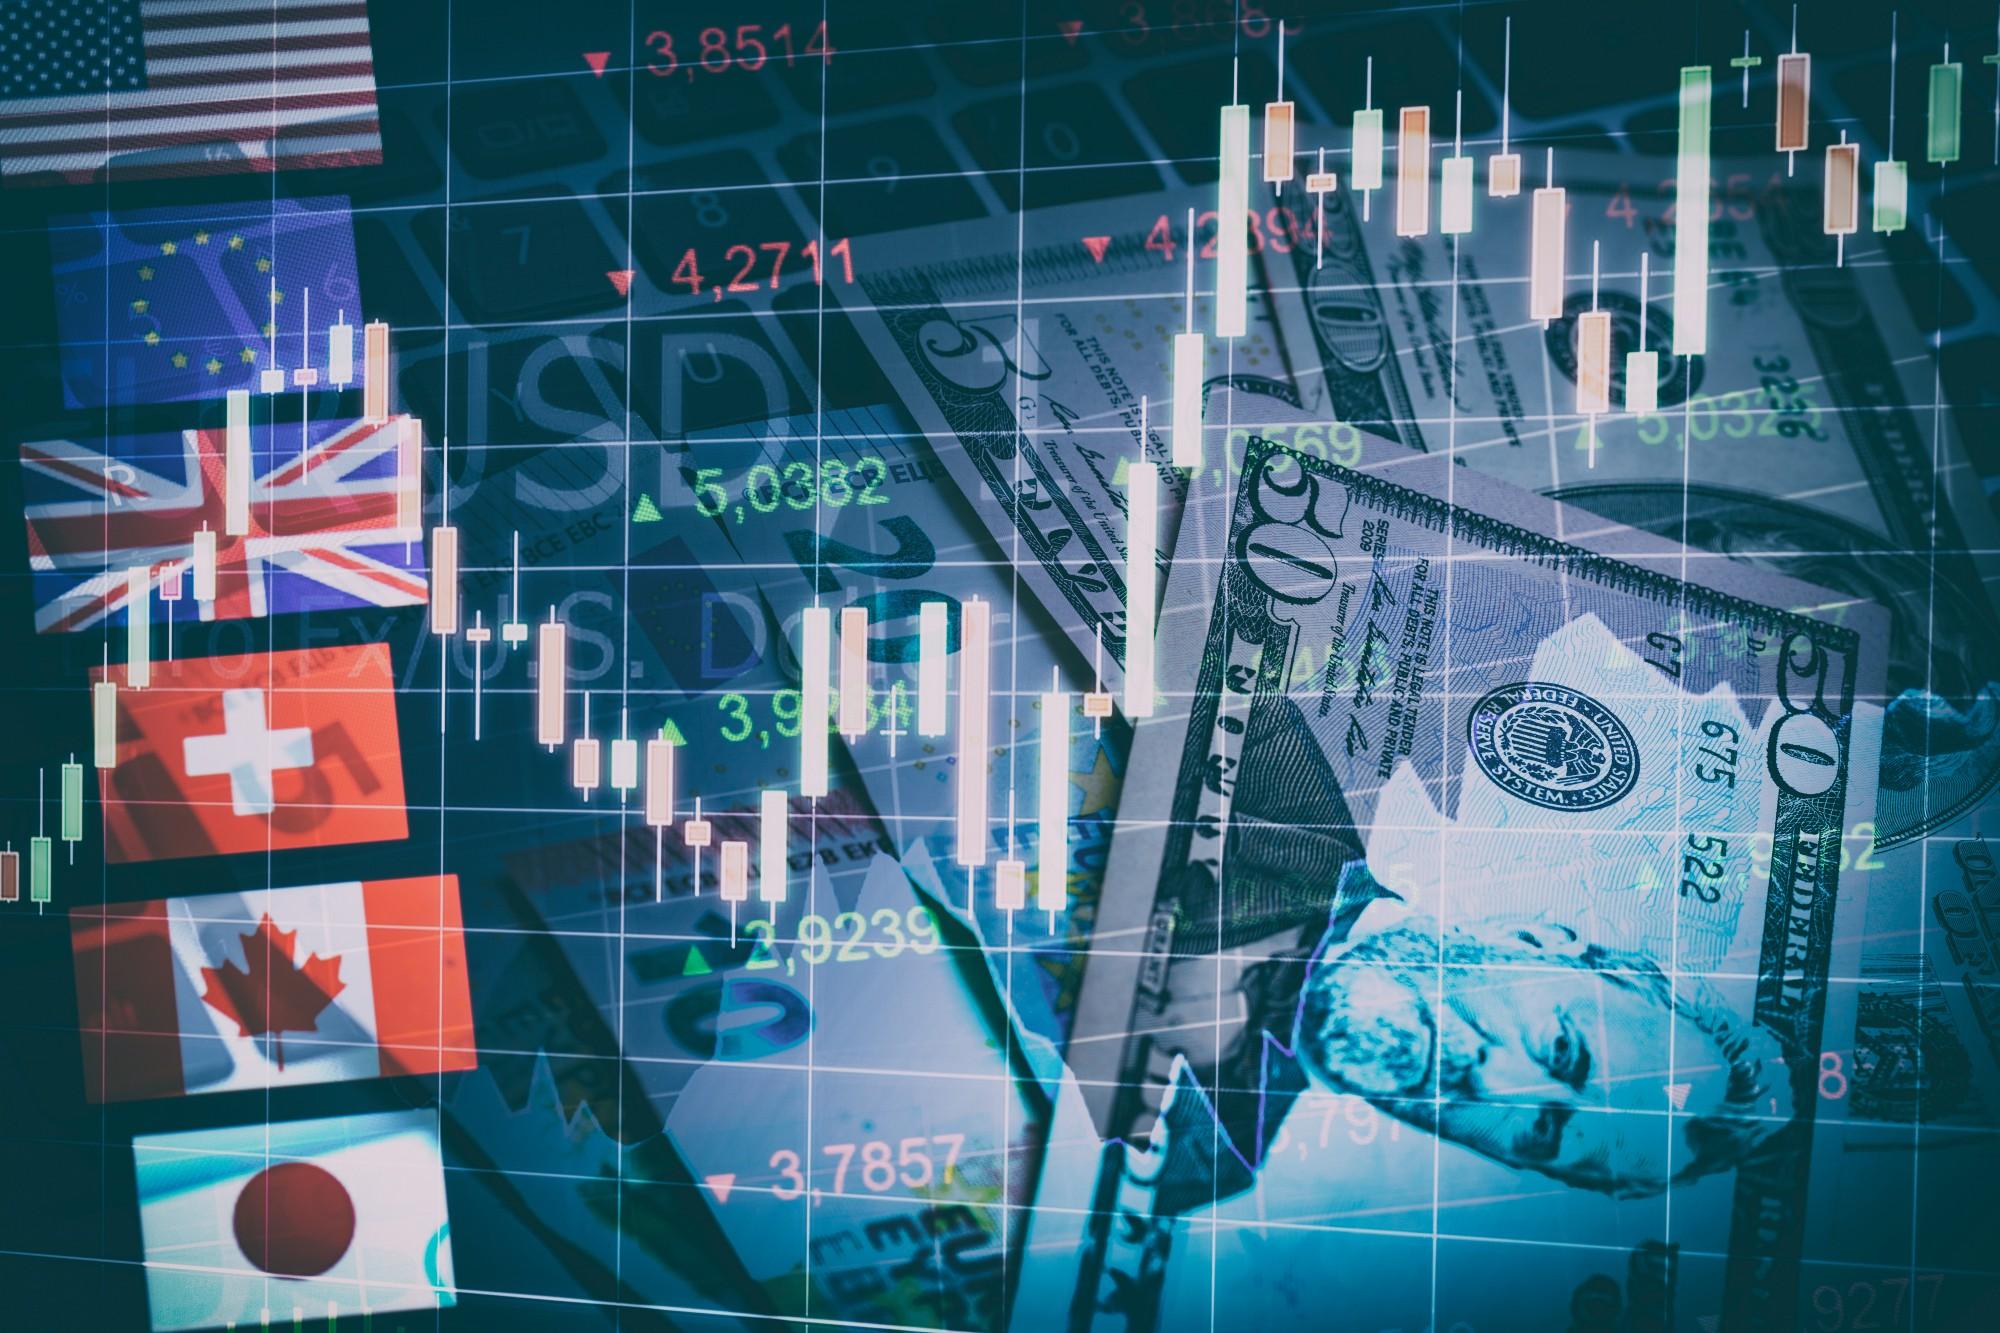 Thông tin từ vnFXtoday Cổng thông tin Tài Chính Ngoại Hối Thứ Tư 0605 tại thị trường châu Âu chỉ số USD duy trì xu hướng biến động và tăng 015 trong ngày Đồng thời biến động vàng giao ngay quốc tế giảm xuống mức thấp 170070 USDounce và hồi phục mức giảm trong ngày đã thu hẹp xuống còn 011 Vào lúc 1915 hôm nay giờ Việt Nam dữ liệu thay đổi việc làm của ADP tại Mỹ tháng 4 sẽ được công bố Thị trường hy vọng việc làm của ADP sẽ giảm 205 triệu trong tháng 4 và giá trị trước đó sẽ giảm 27000 Dữ liệu ADP phi nông nghiệp nhỏ vào thứ Tư có thể hướng dẫn việc thực hiện Báo cáo phi nông nghiệp vào thứ Sáu Nếu hiệu suất của dữ liệu ADP là xấu nó có thể tăng cường những kỳ vọng tiêu cực của các nhà đầu tư vào Chỉ số NFP vào thứ Sáu điều này sẽ khiến đồng USD bị đàn áp Đồng USD đã tăng so với hầu hết các loại tiền tệ trong ngày giao dịch thứ ba liên tiếp vào hôm qua do các báo cáo Trump muốn đưa ra một cắt giảm thuế lớn khác Theo tờ New York Times Tổng thống Mỹ Trump đang xem xét cắt giảm thuế cho các doanh nghiệp trong dự luật kích thích kinh tế tiếp theo Trump nói rằng nên xem xét giảm thuế lương và tăng vốn và phải xem xét việc đảm bảo trách nhiệm pháp lý và giảm thuế kinh doanh cho các nhà hàng và địa điểm giải trí Ngoài ra một số dữ liệu cho thấy dữ liệu của ngành dịch vụ Mỹ trong tháng 4 tốt hơn dự kiến điều này cũng đẩy USD tăng lên vào thứ Ba Chỉ số phi sản xuất của Viện Quản lý cung ứng Mỹ ISM đã giảm xuống còn 418 trong tháng 4 so với 525 trong tháng 3 nhưng nó cao hơn so với ước tính của thị trường là 368 Nhiều dữ liệu kinh tế cho thấy tác động của phong tỏa dịch bệnh toàn cầu sẽ được công bố trong tuần này Trọng tâm lớn nhất chắc chắn là báo cáo phi nông nghiệp tháng 4 của Mỹ sẽ được công bố vào thứ Sáu Hiện tại thị trường hy vọng hiệu suất của dữ liệu phi nông nghiệp sẽ tồi tệ chưa từng thấy Số lượng nhân viên có thể giảm 22 triệu và tỷ lệ thất nghiệp có thể tăng vọt lên 16 Các nhà phân tích thị trường ngoại hối từ RoboForex đưa ra phân tích ngắn gọn và dự báo về xu 